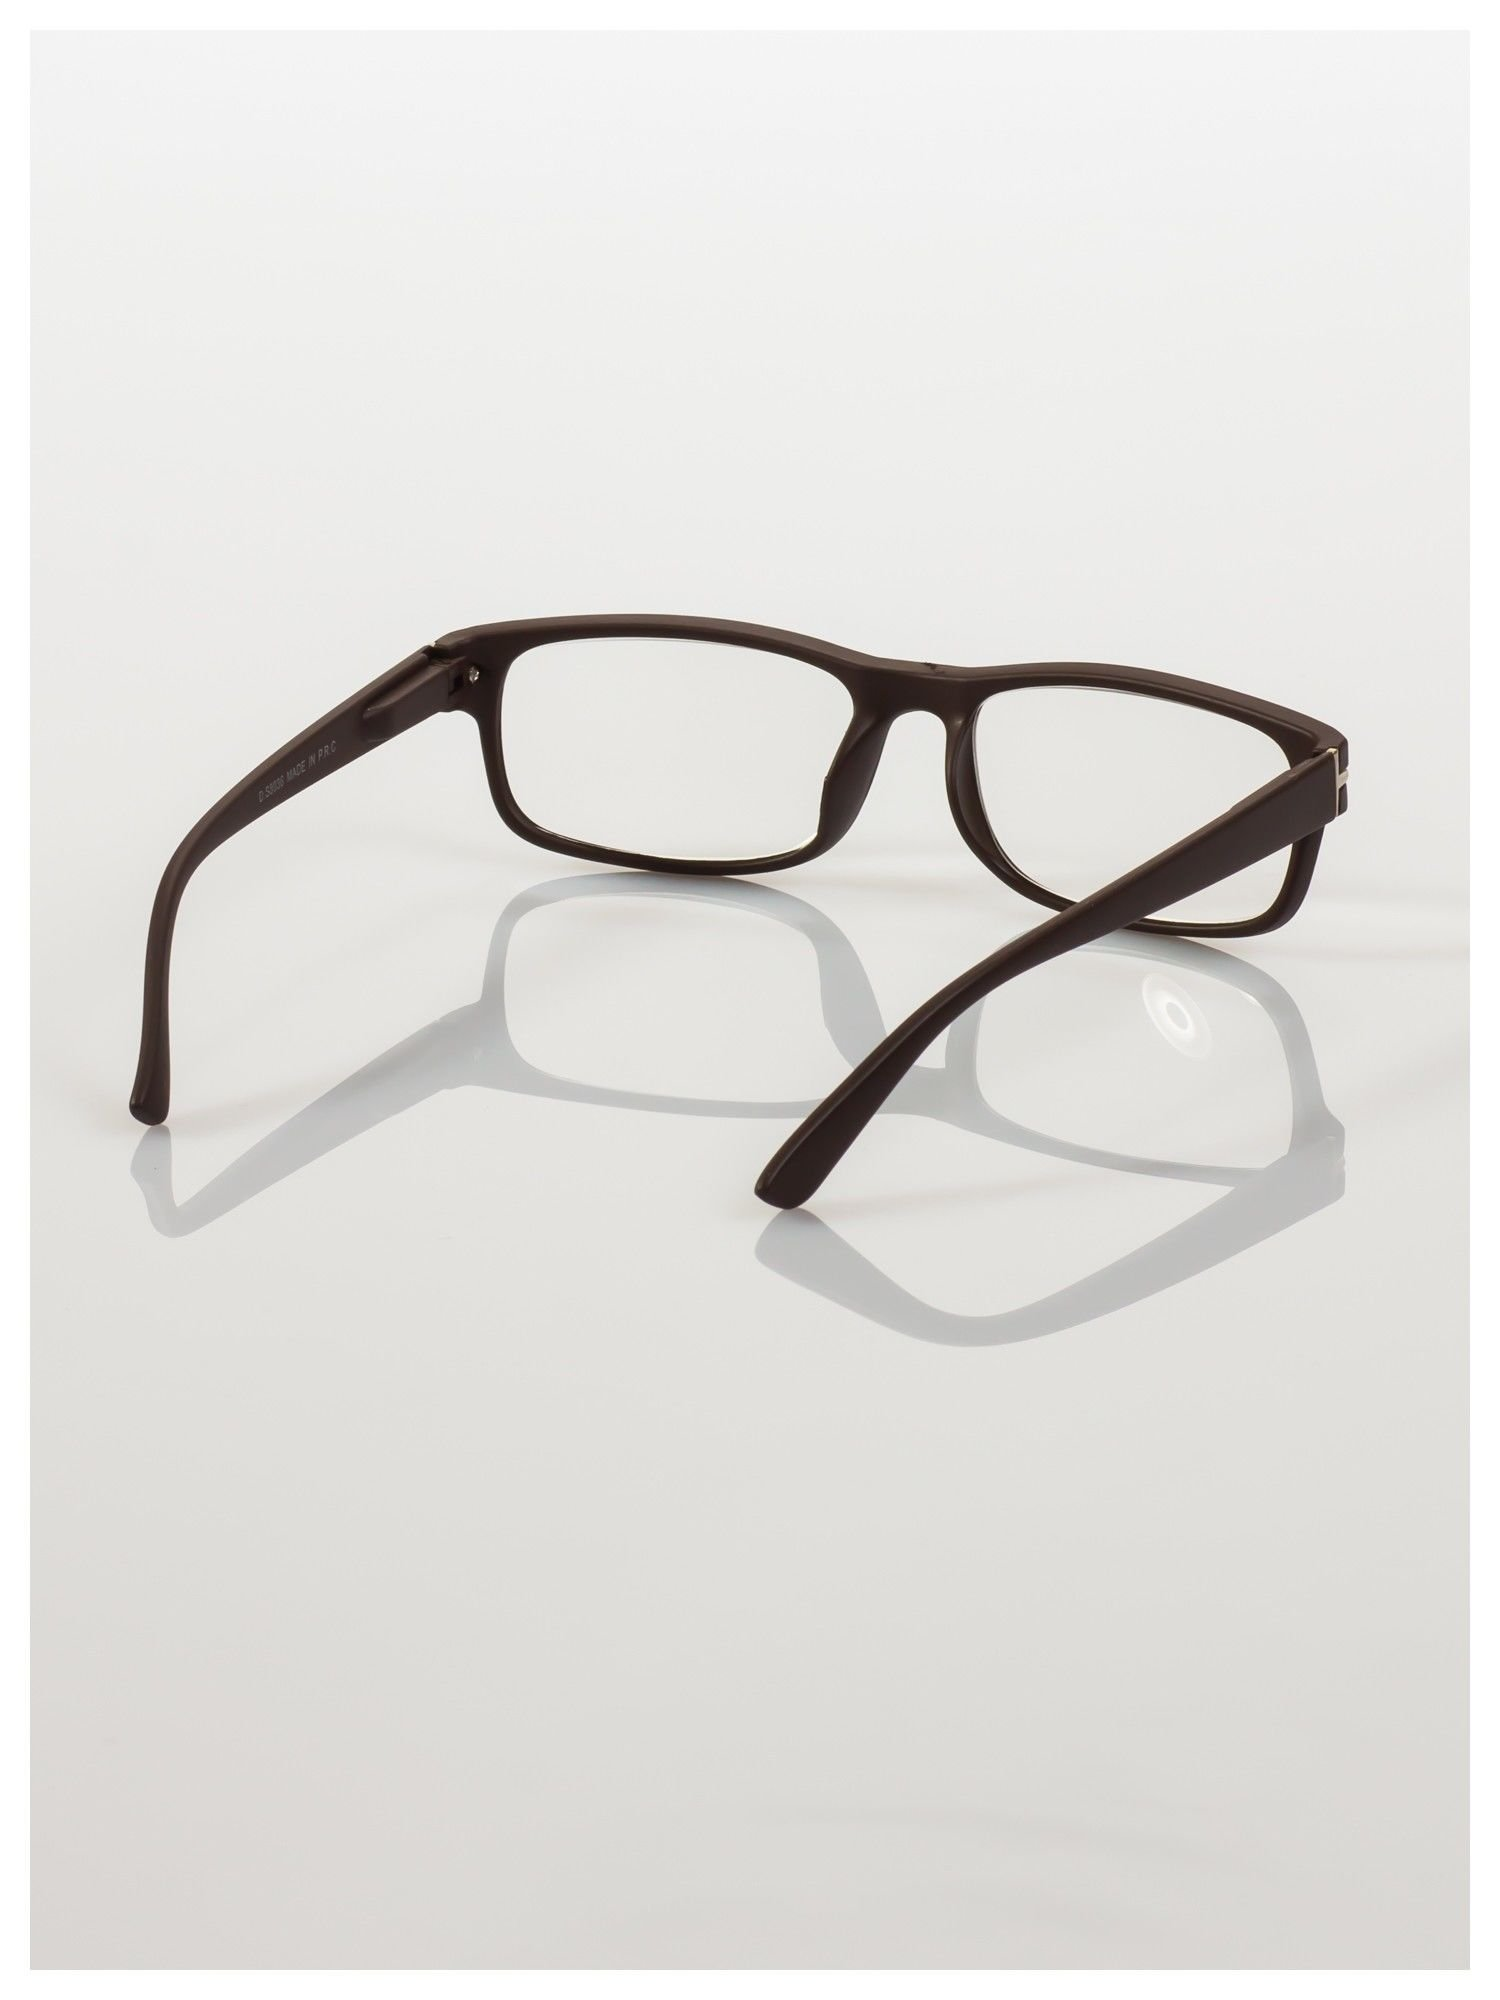 Eleganckie brązowe matowe korekcyjne okulary do czytania +2.0 D  z sytemem FLEX na zausznikach                                  zdj.                                  4